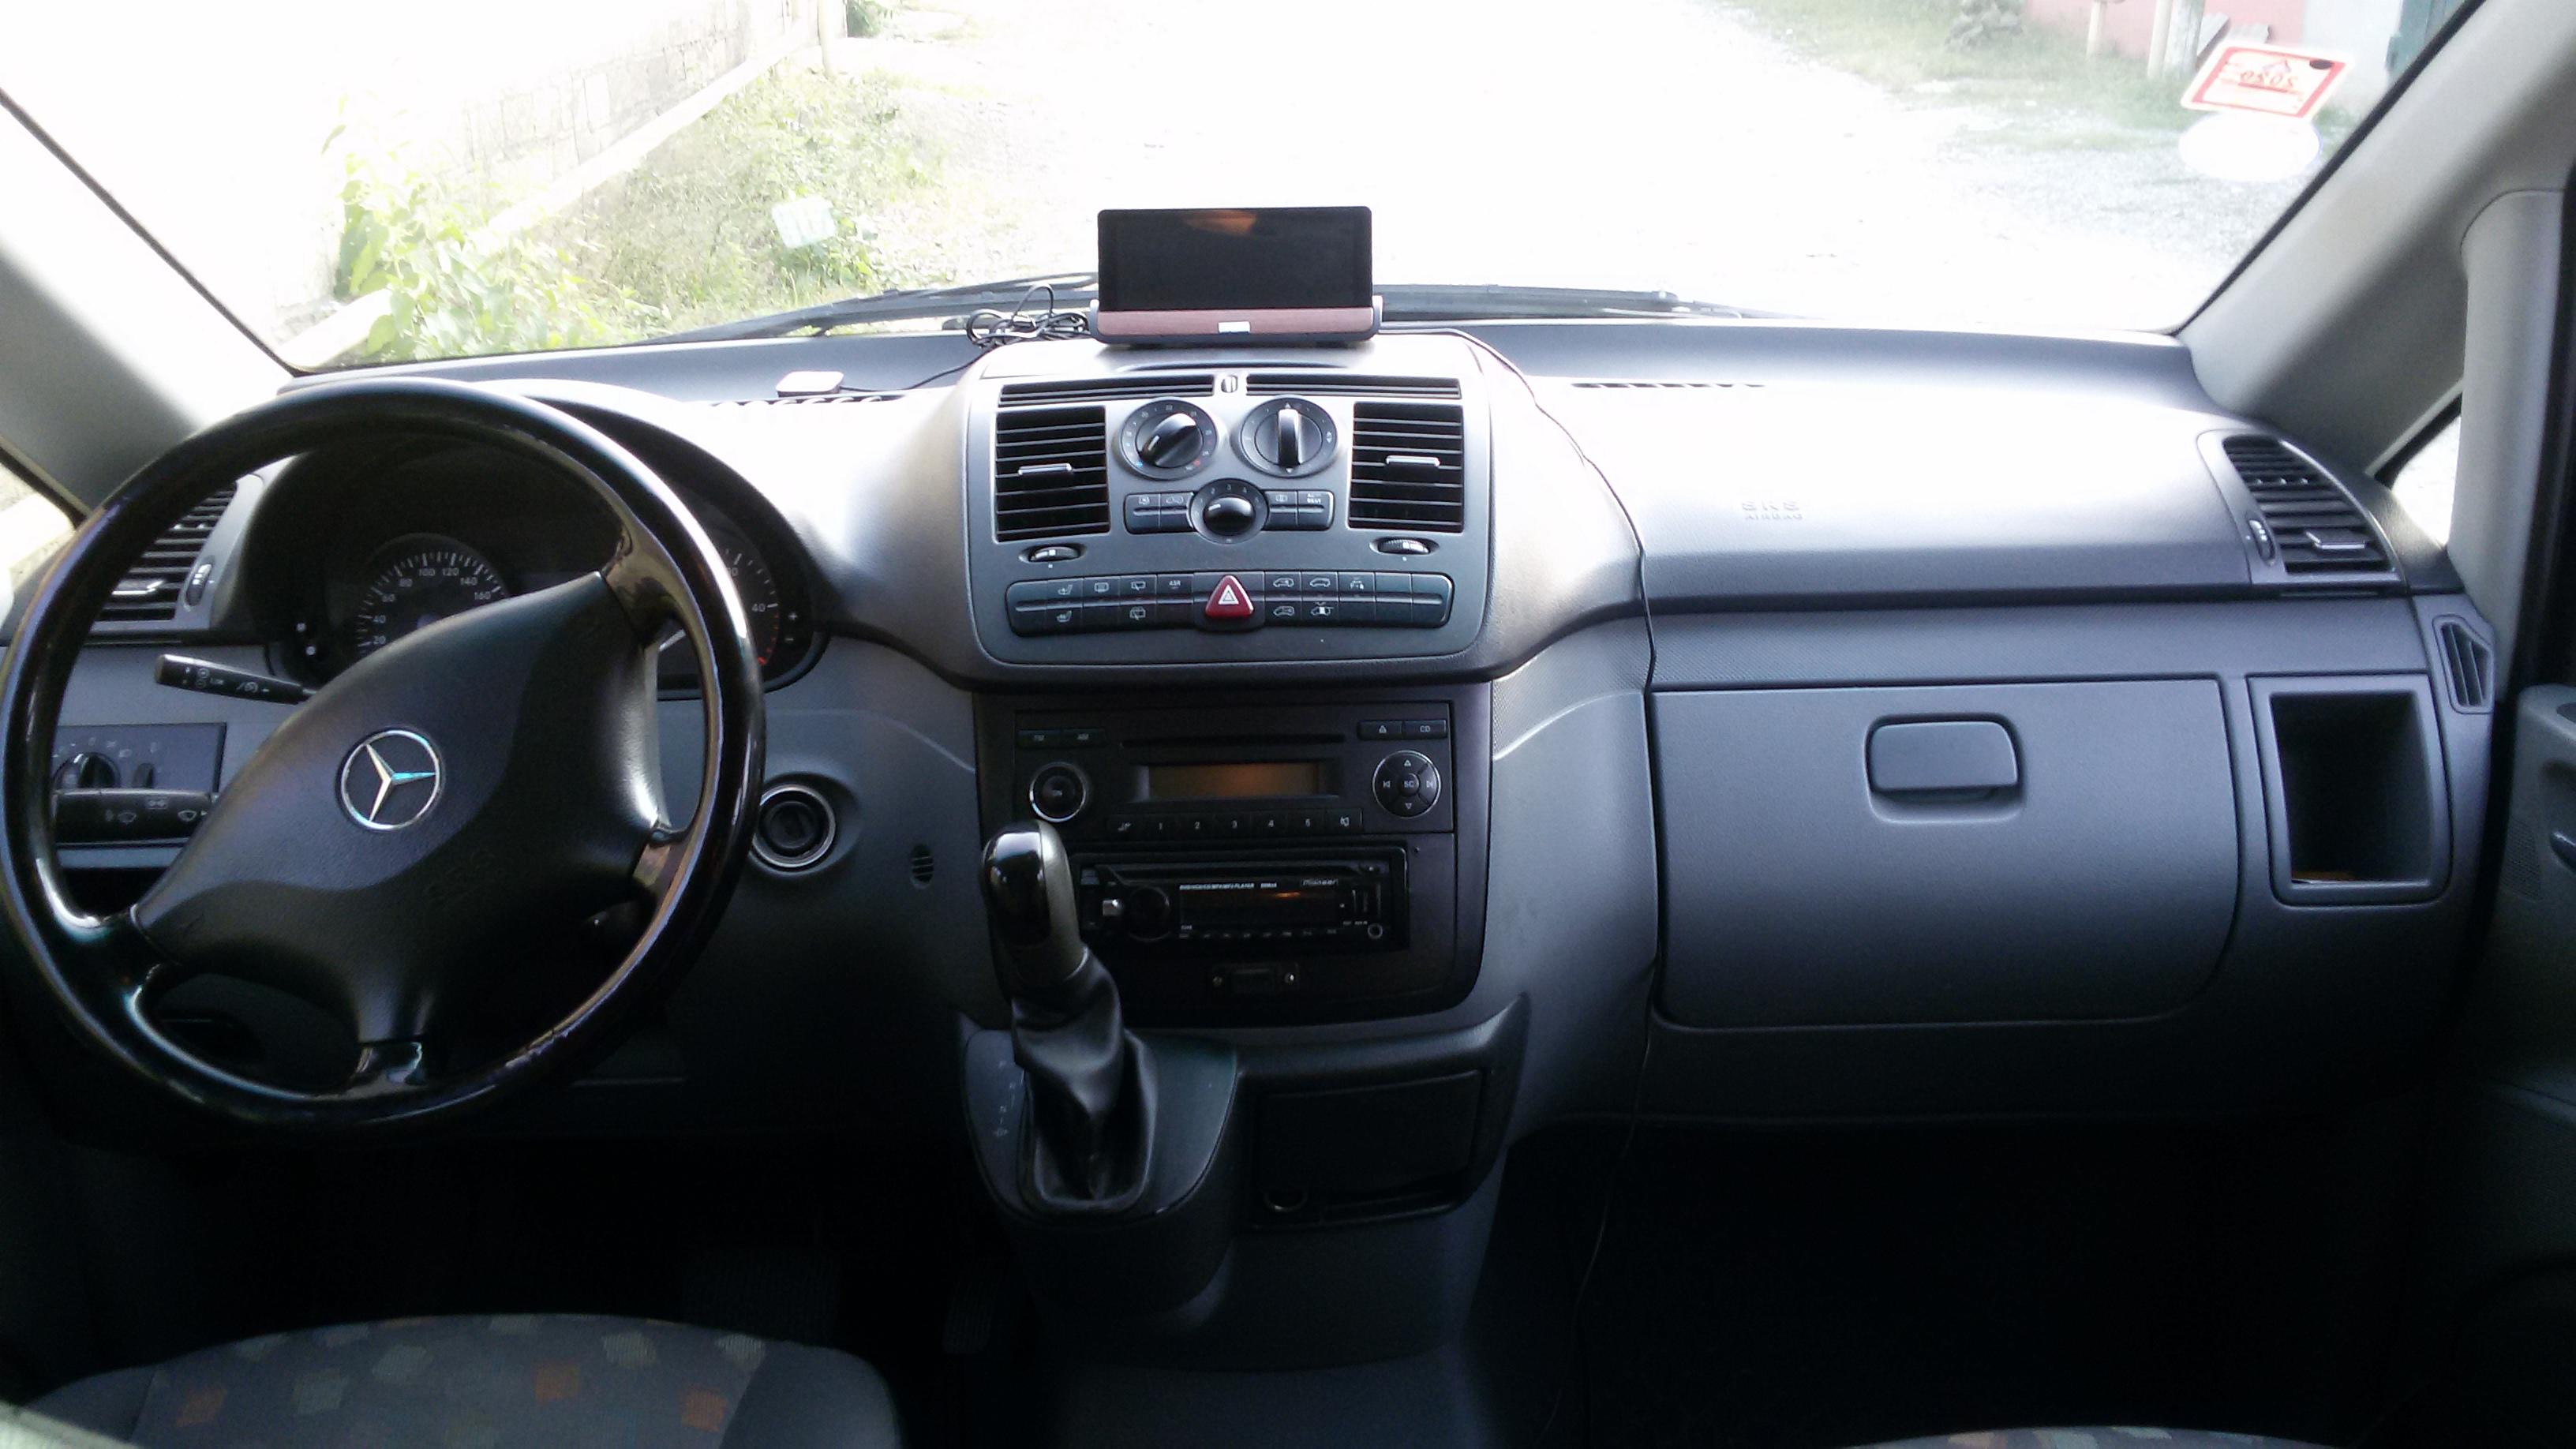 Mercedes-Benz Vito 2.2(lt) 2009 Подержанный  $17600